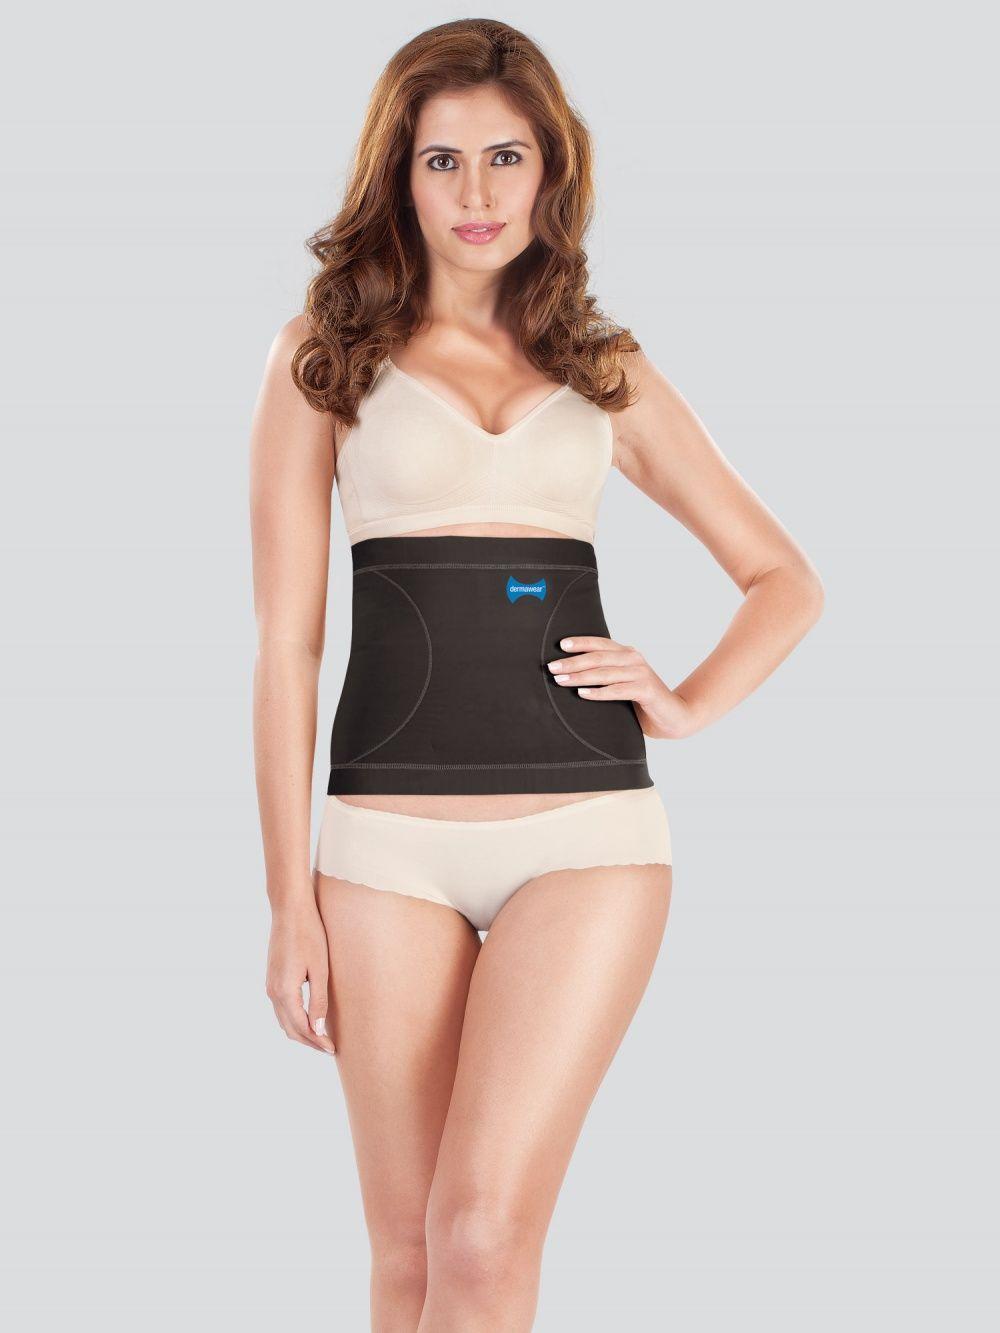 ae0b9652072 Dermawear Tummy   Waist Cinchers   Buy Dermawear Tummy Reducer ...